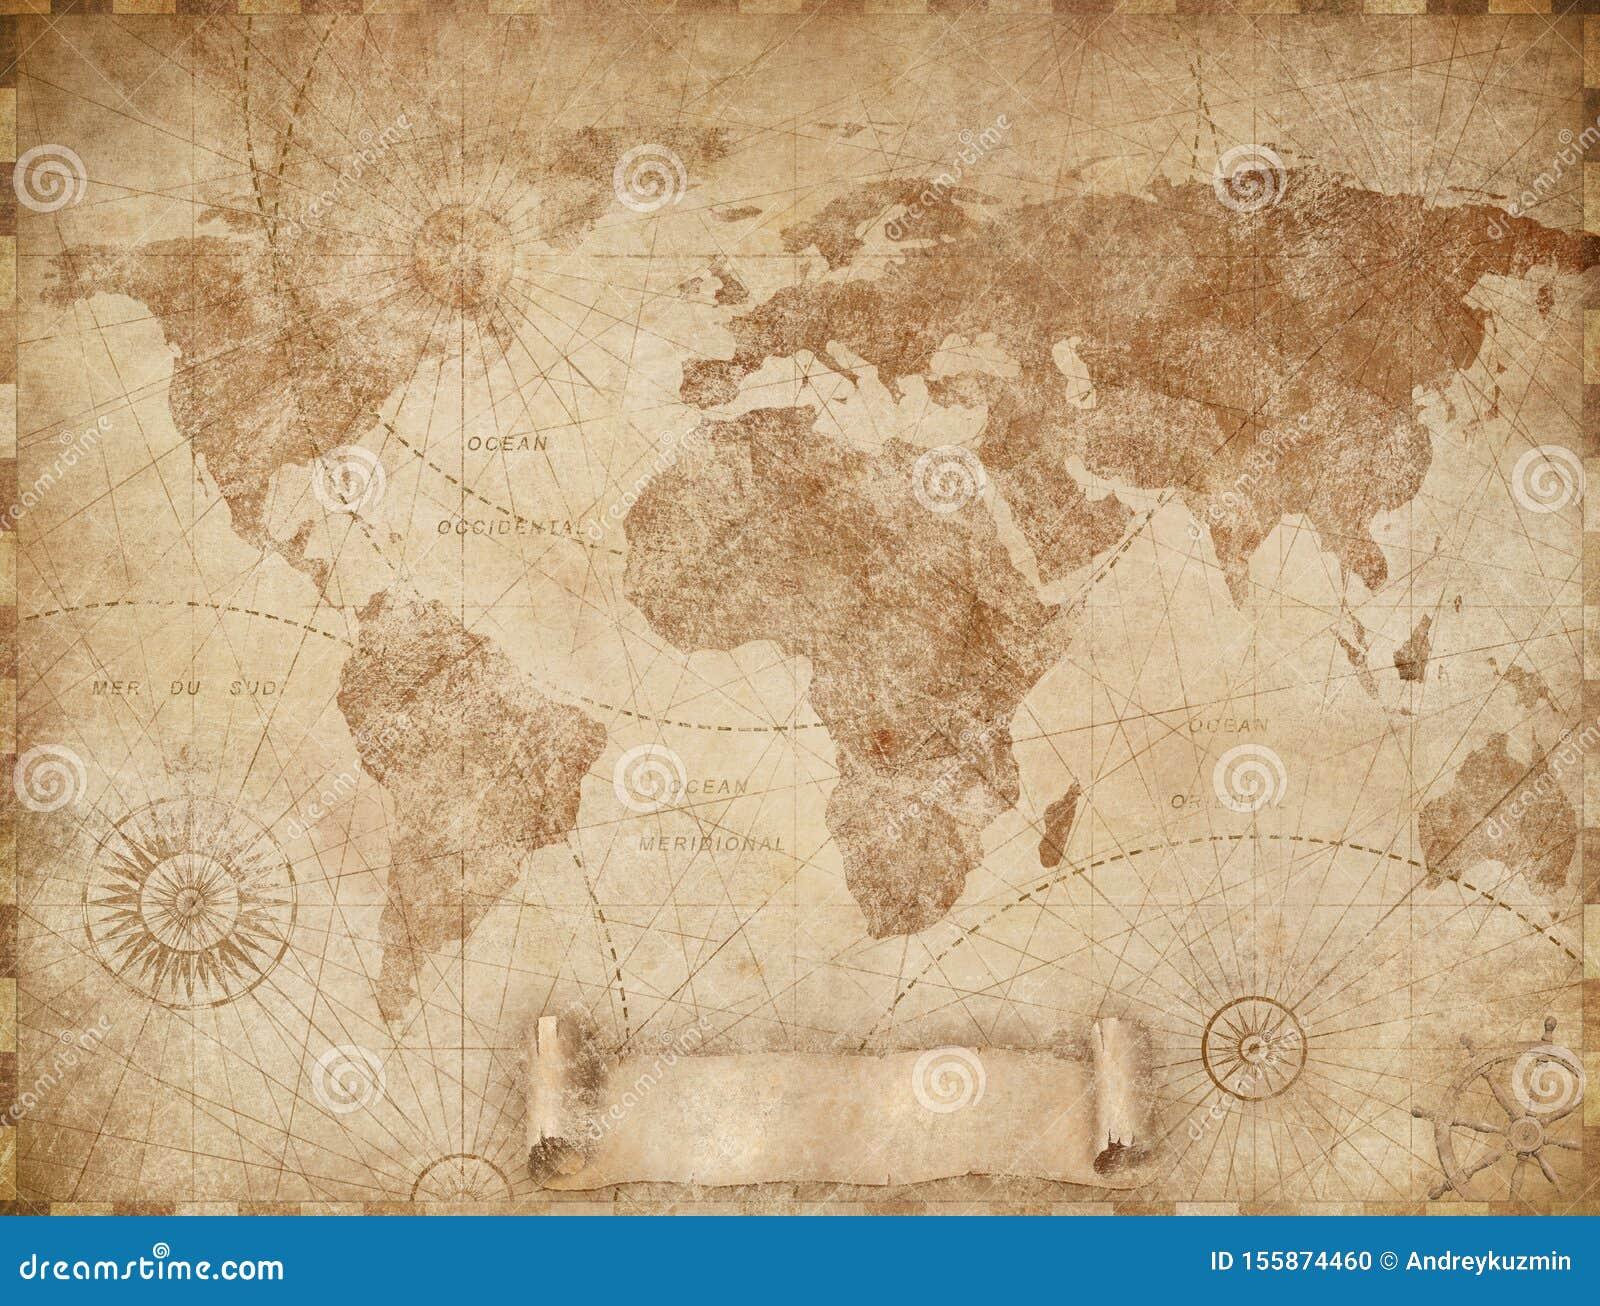 Medieval Old World Map Illustration Based On Image Furnished By